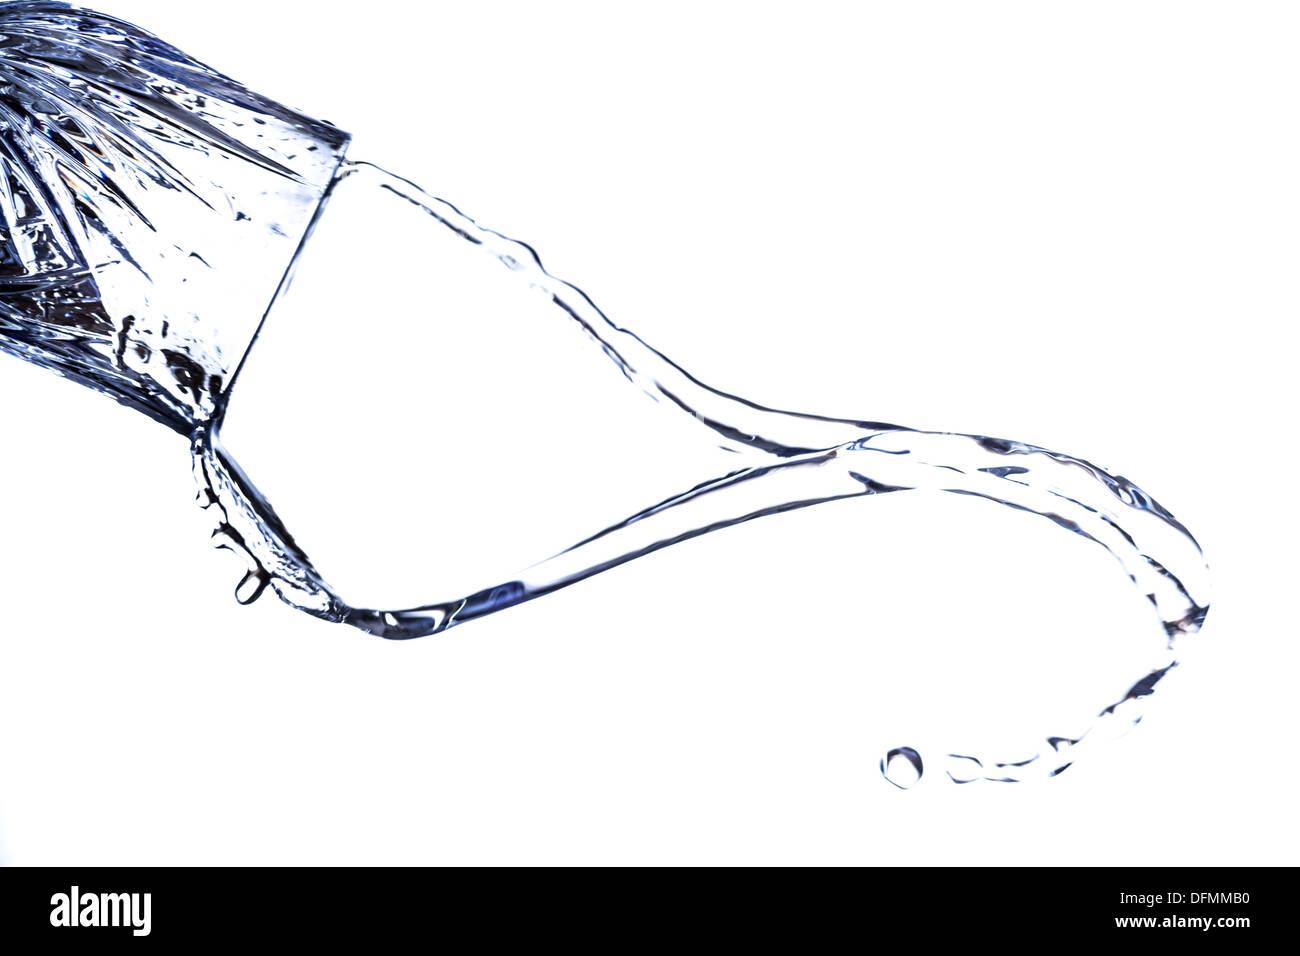 Una hermosa forma creada por el movimiento fluido de las salpicaduras de agua, ya que es expulsado de un vaso Imagen De Stock